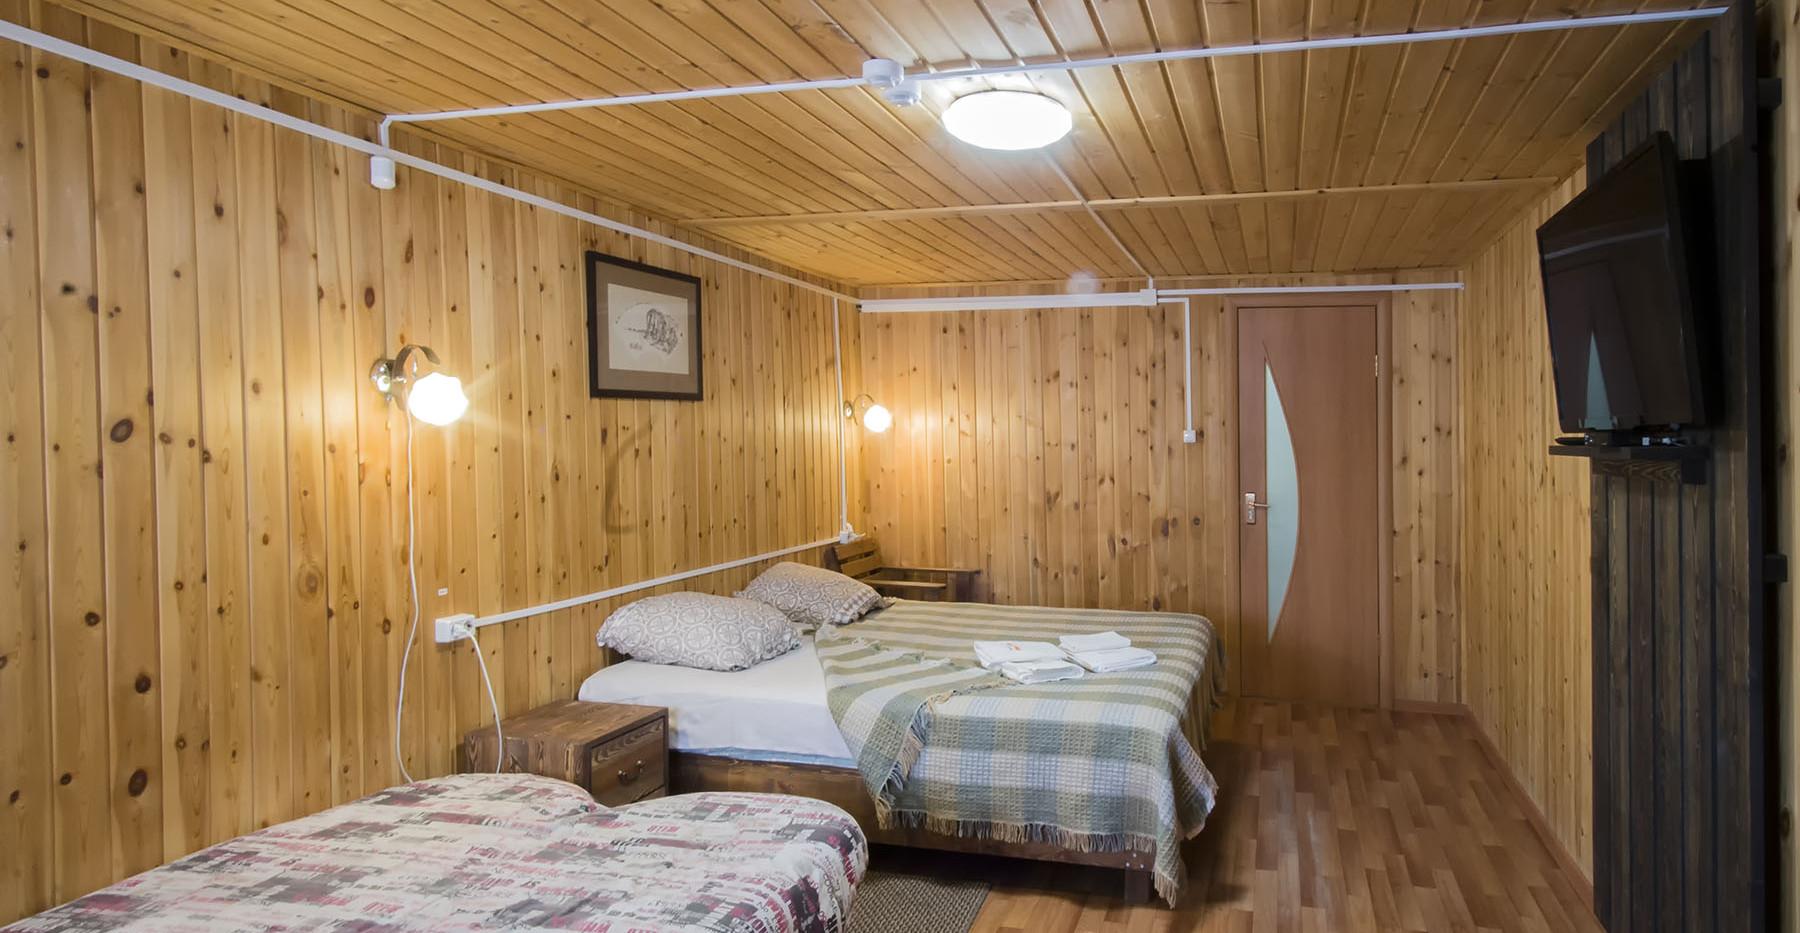 Вид на спальню